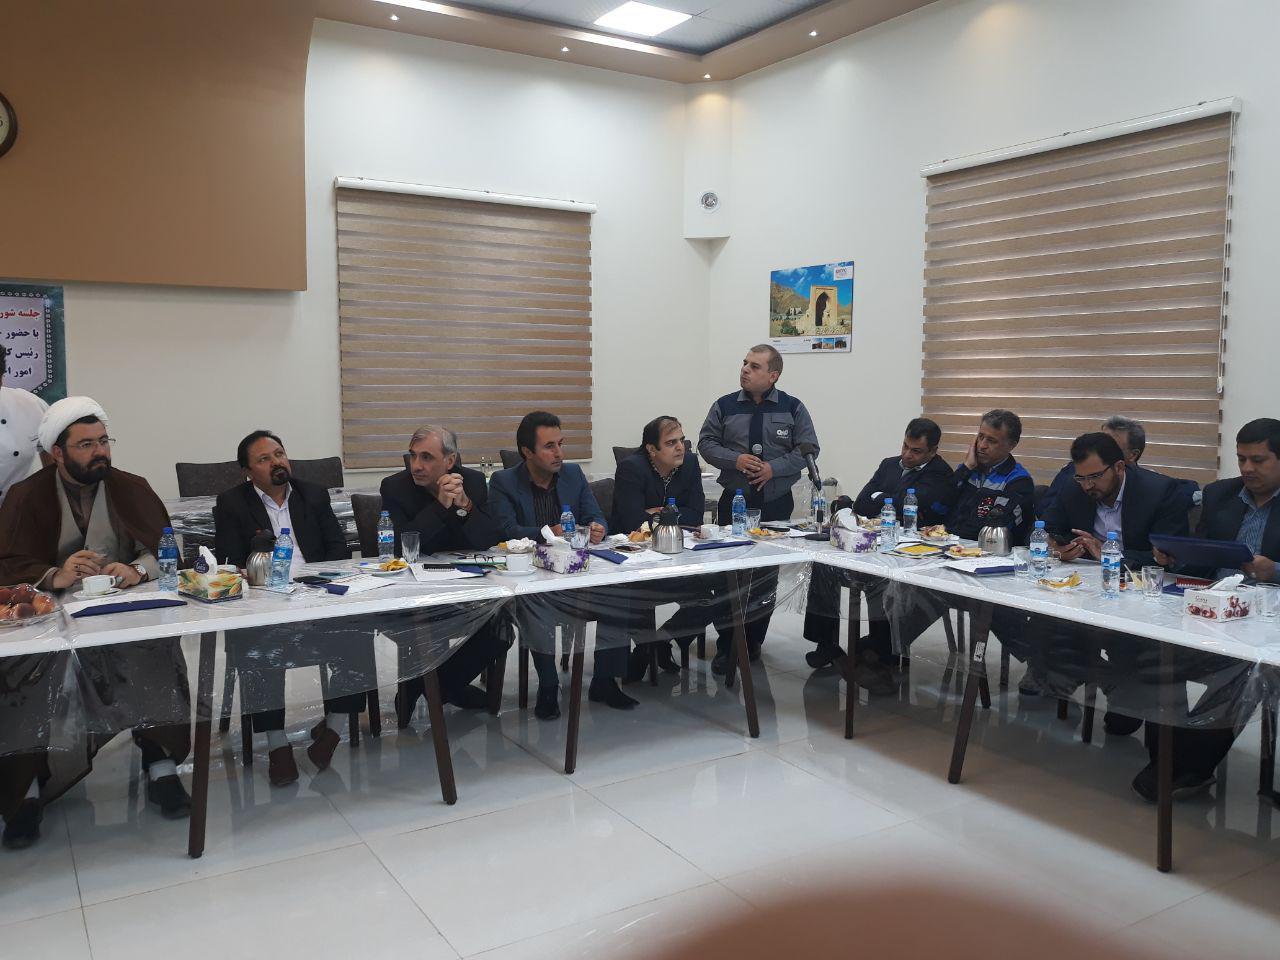 برگزاری جلسه شورای پیشگیری و وقوع جرم شهرستان خواف در مجتمع فولاد سنگان